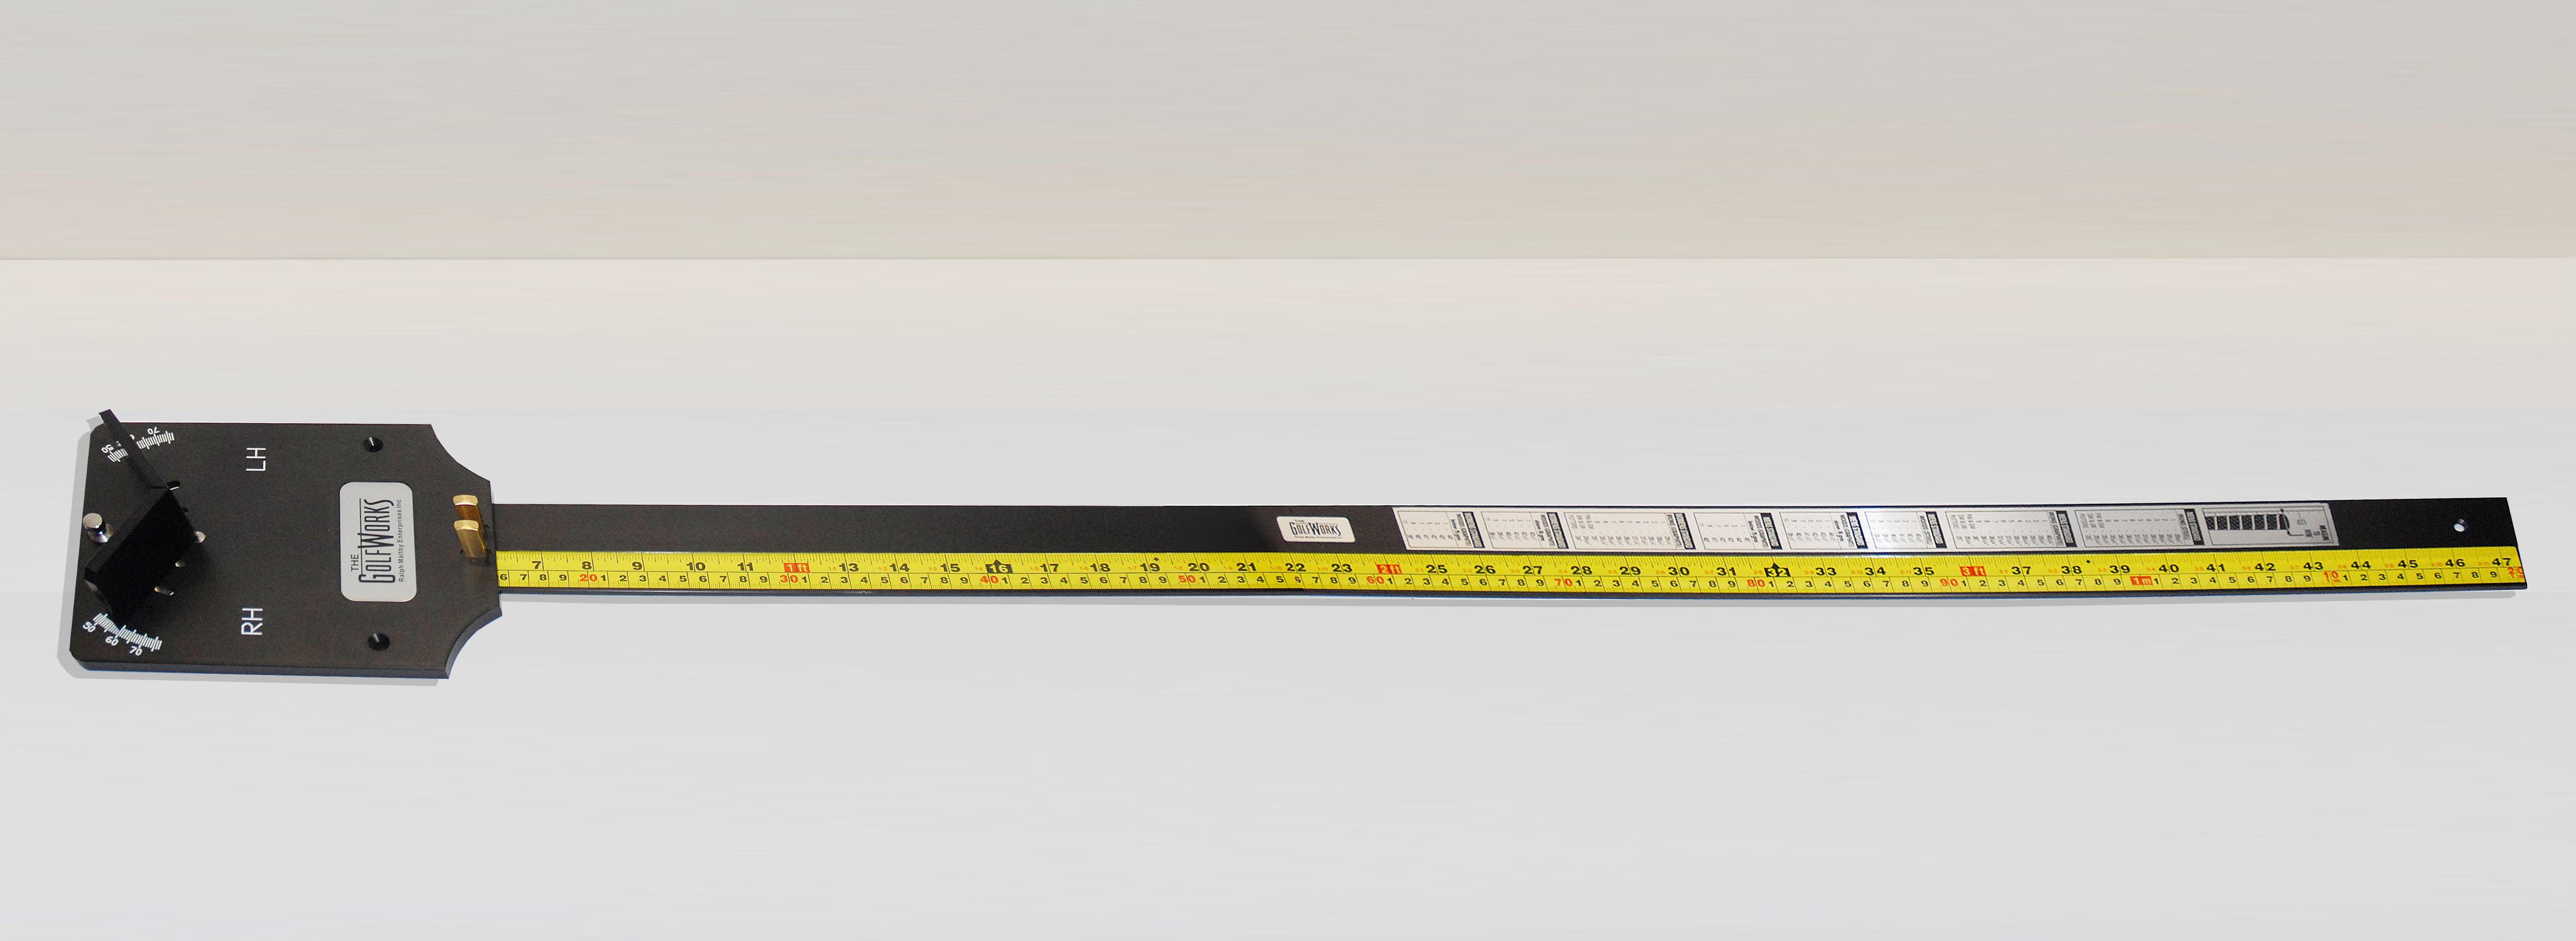 bench ruler